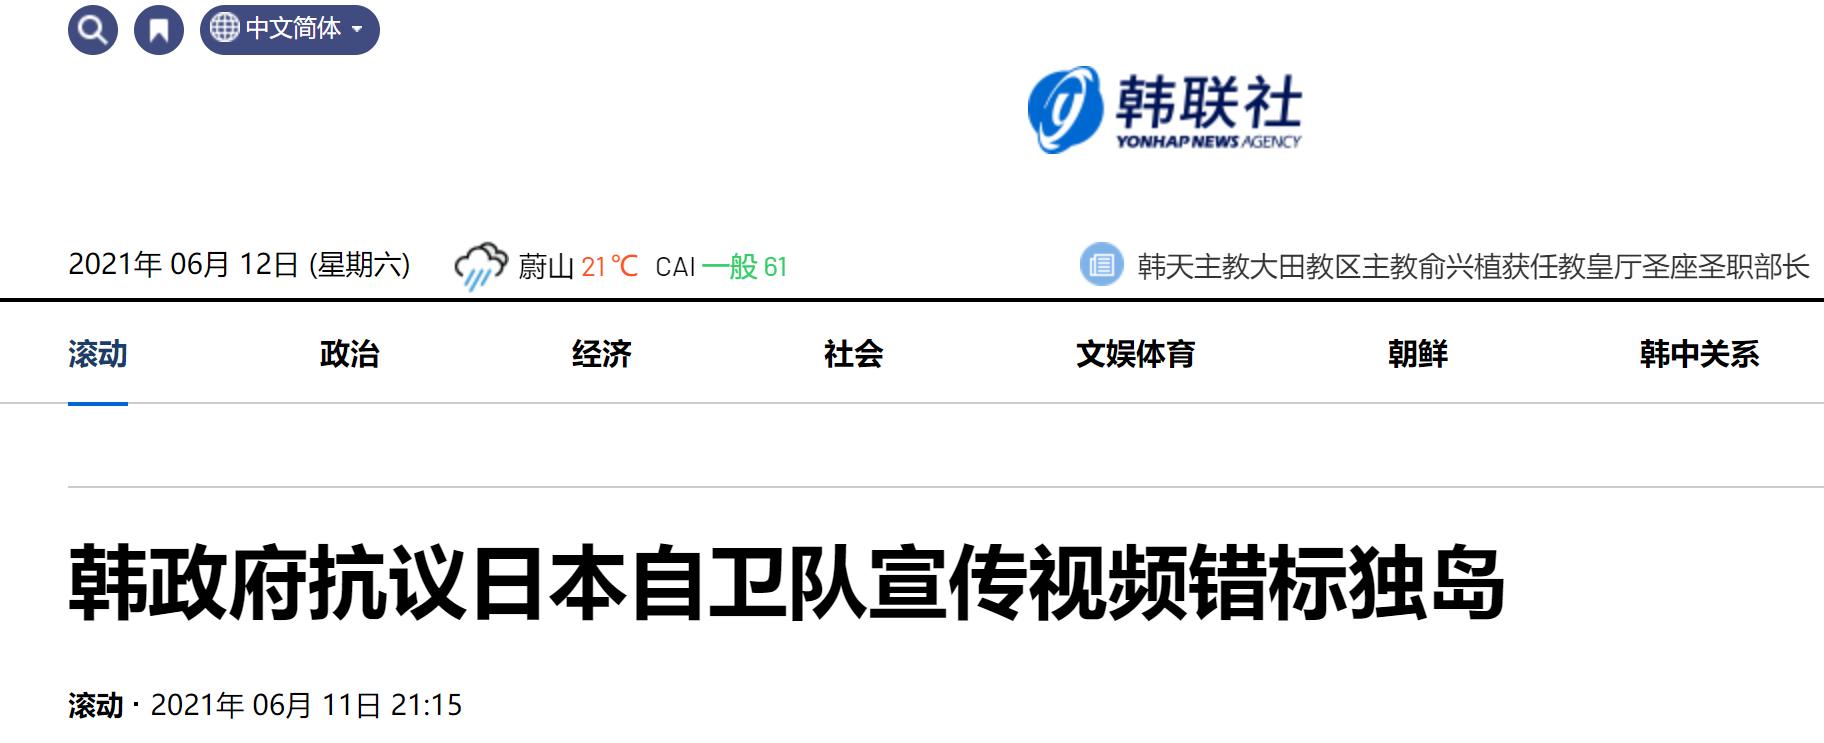 """日本自卫队宣传片将独岛标为""""竹岛"""",韩国政府强烈抗议"""